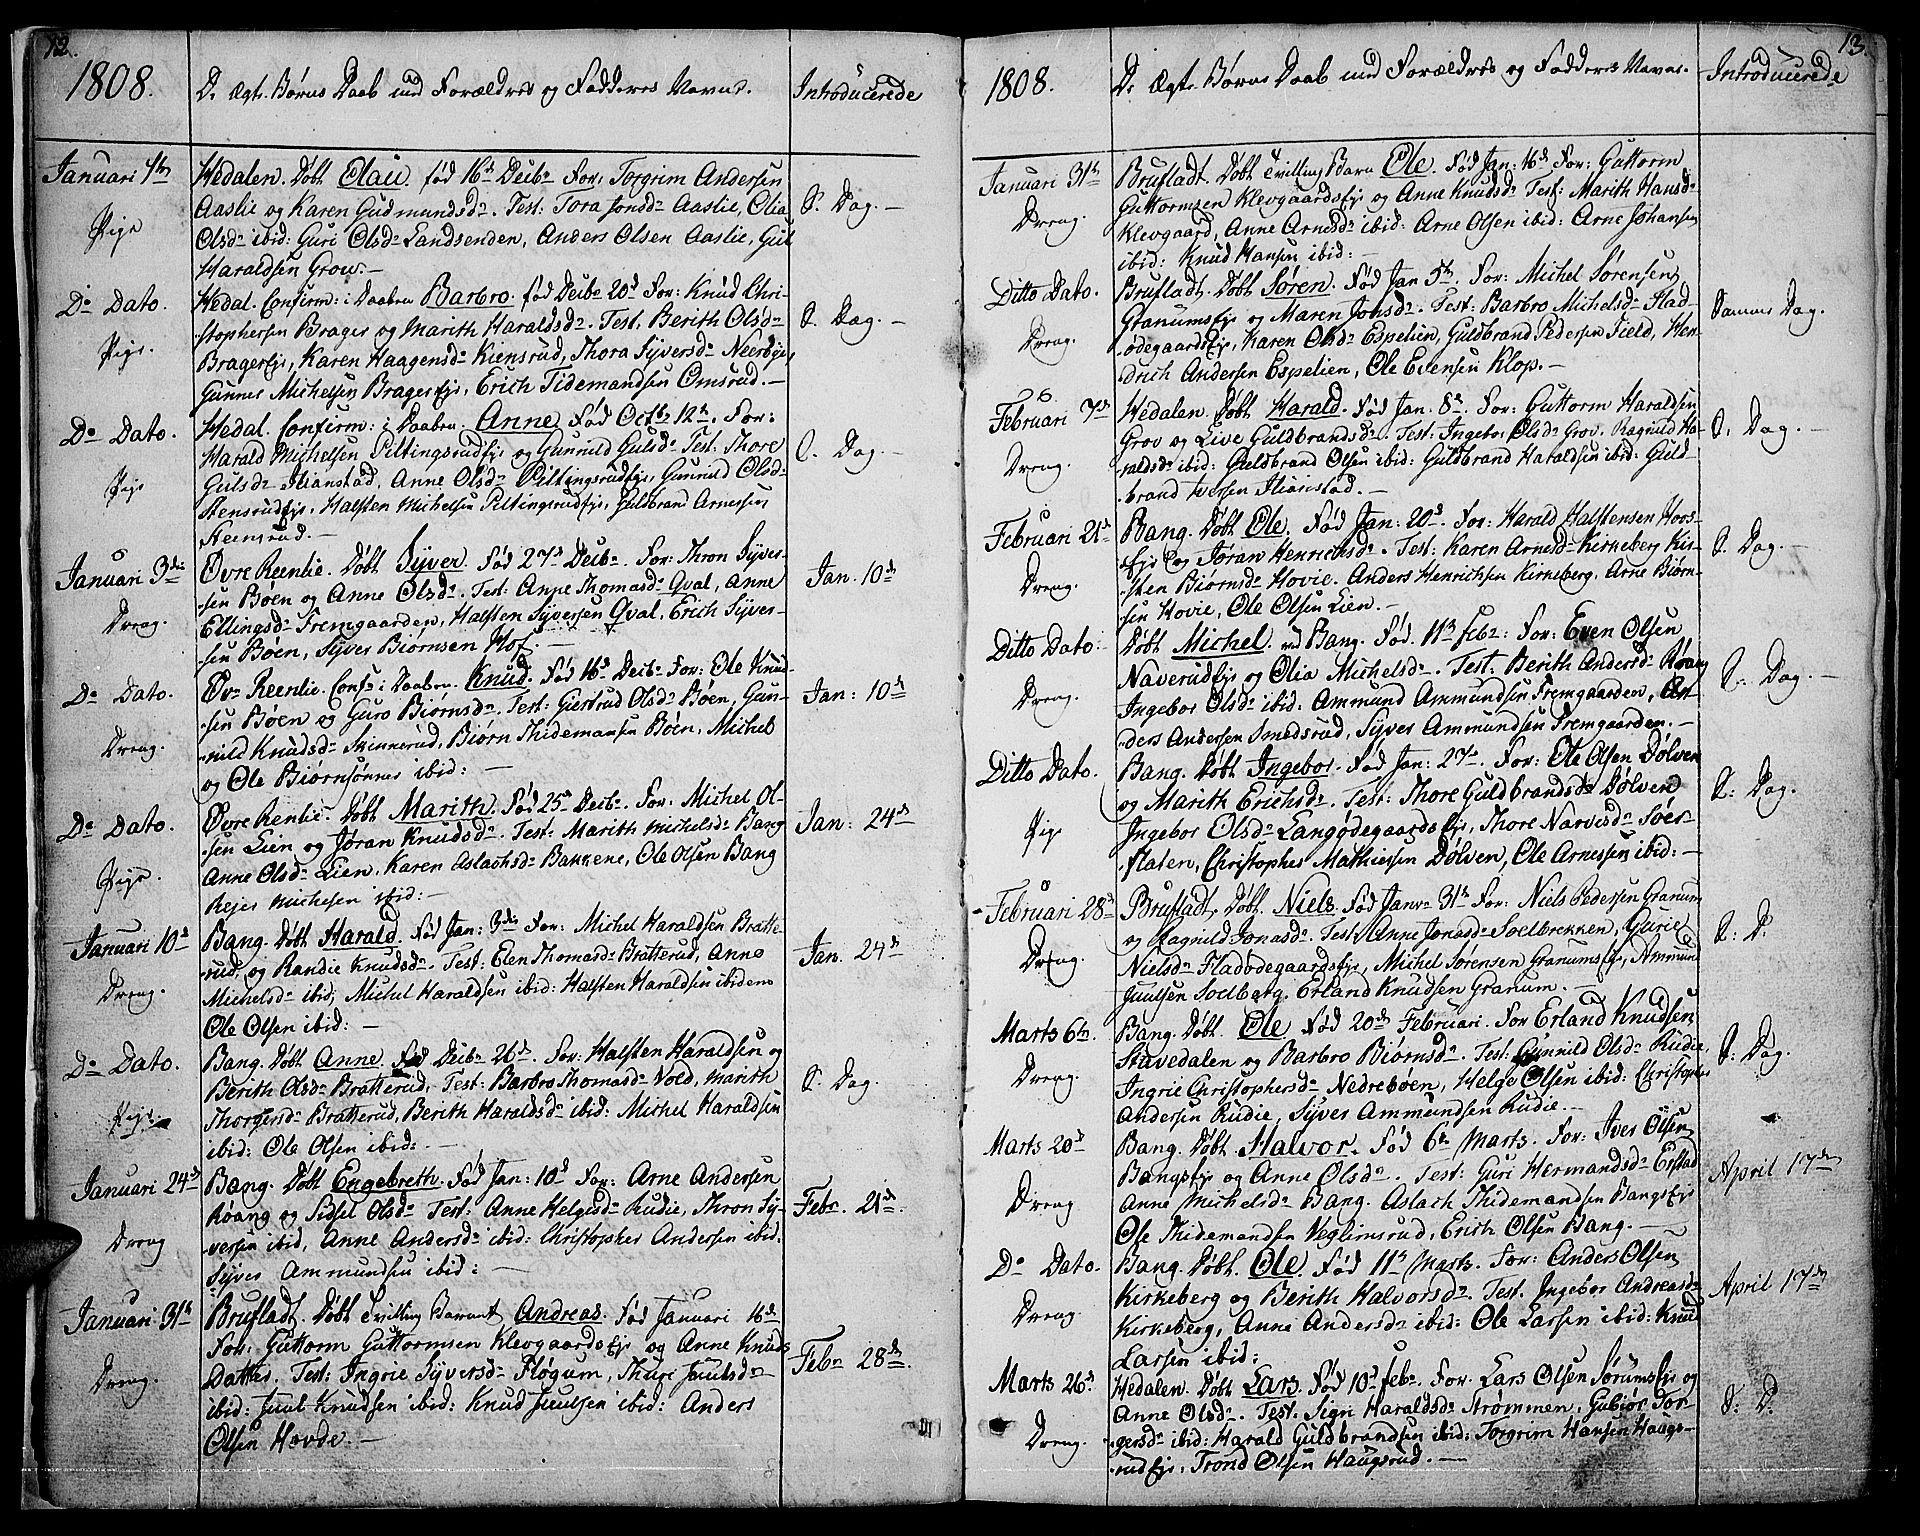 SAH, Sør-Aurdal prestekontor, Ministerialbok nr. 1, 1807-1815, s. 12-13